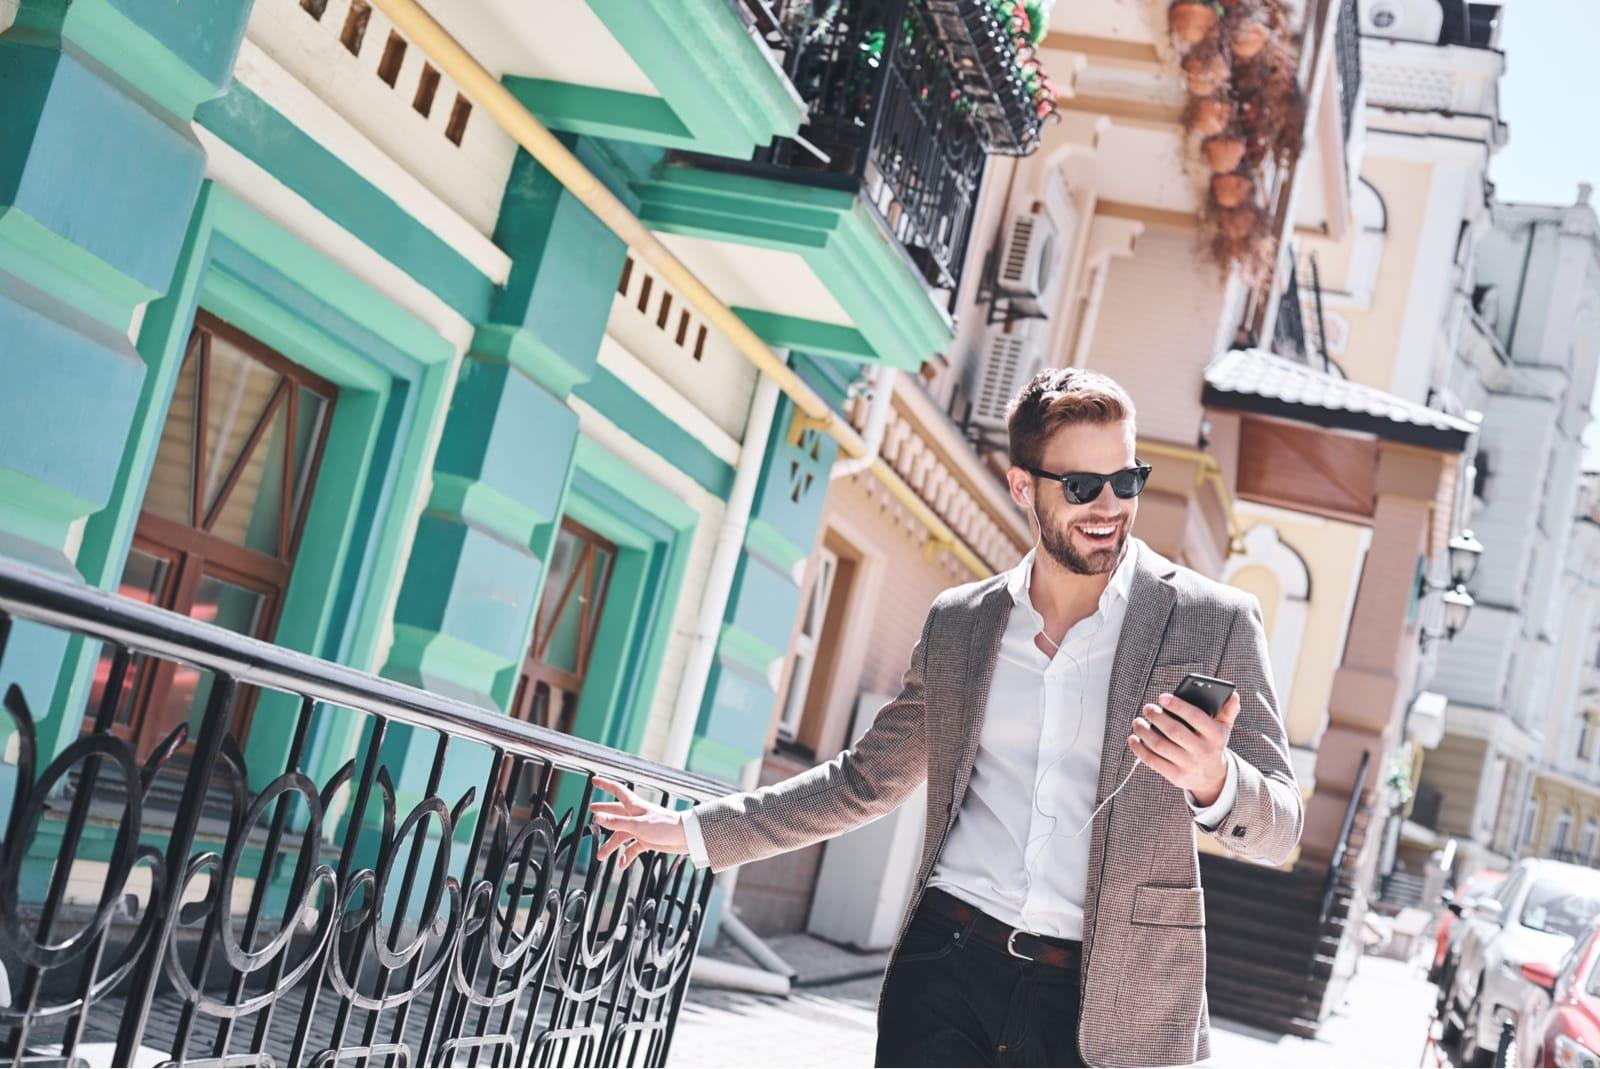 スマートフォンを手に歩く男性